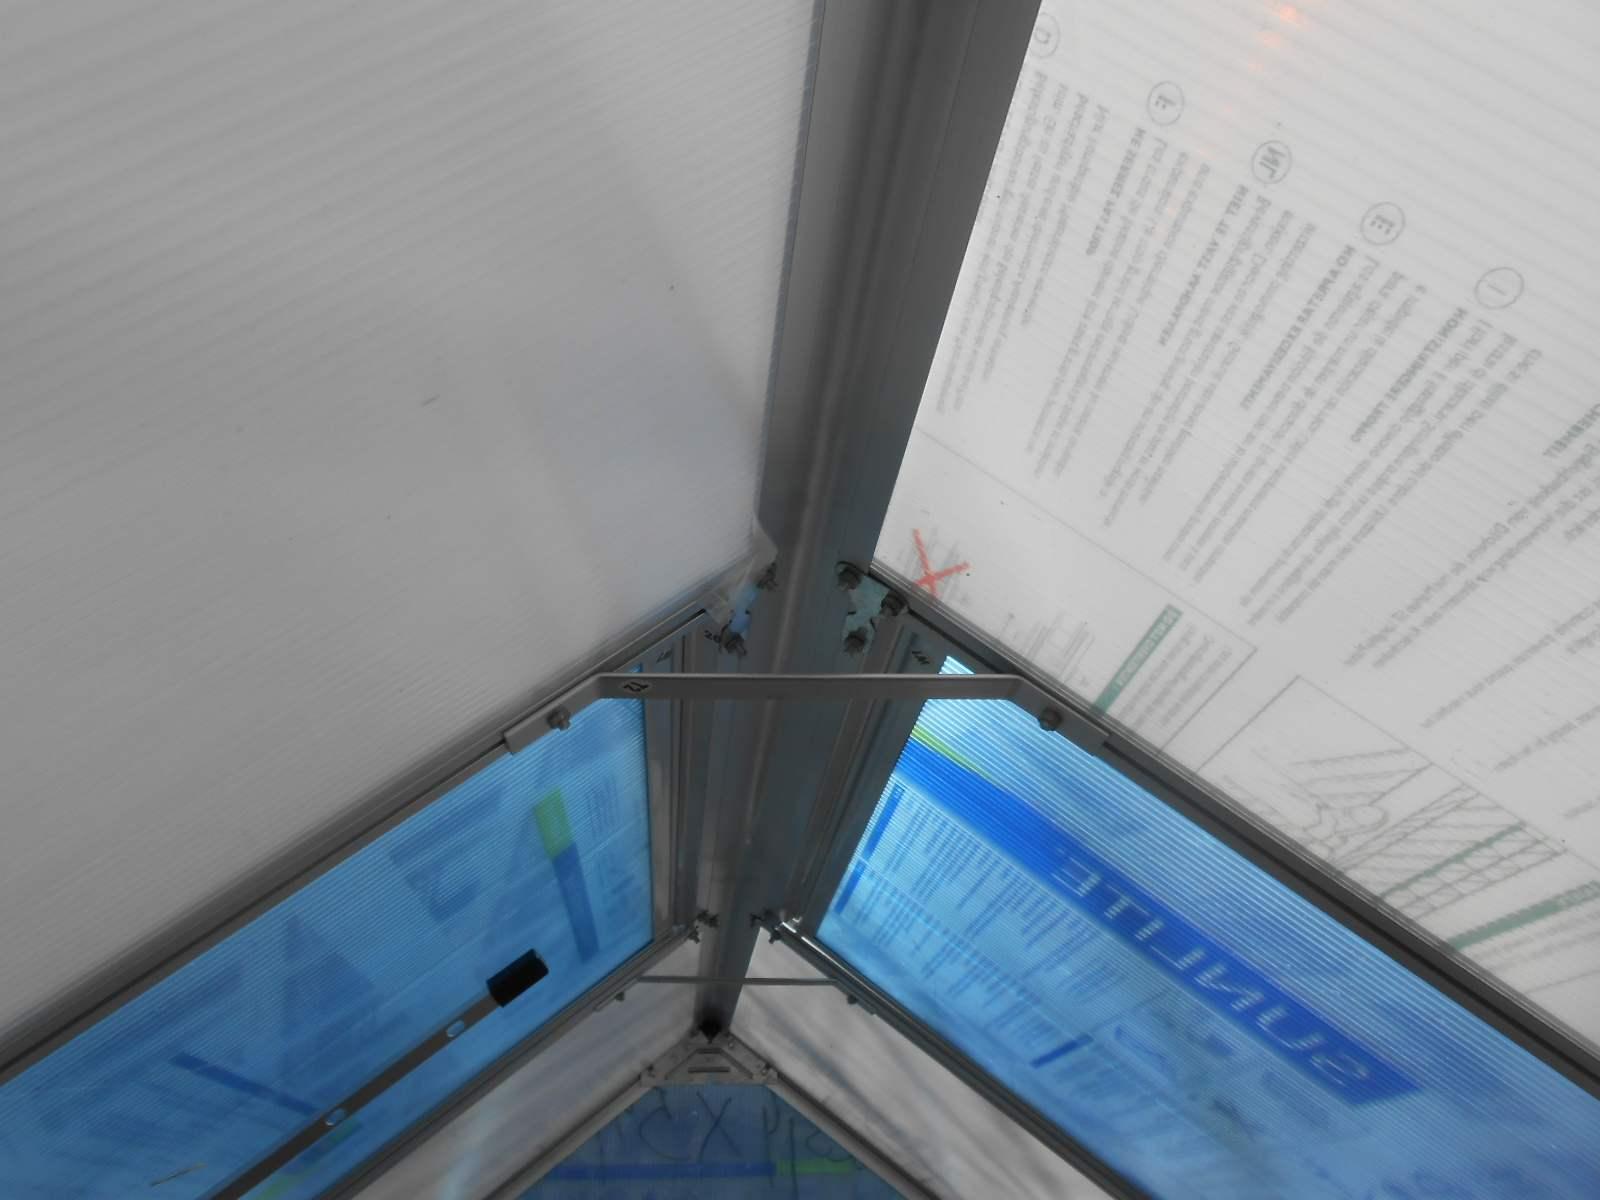 LANITGARDEN-PLUGIN-6X12-STANDARD-02.jpg